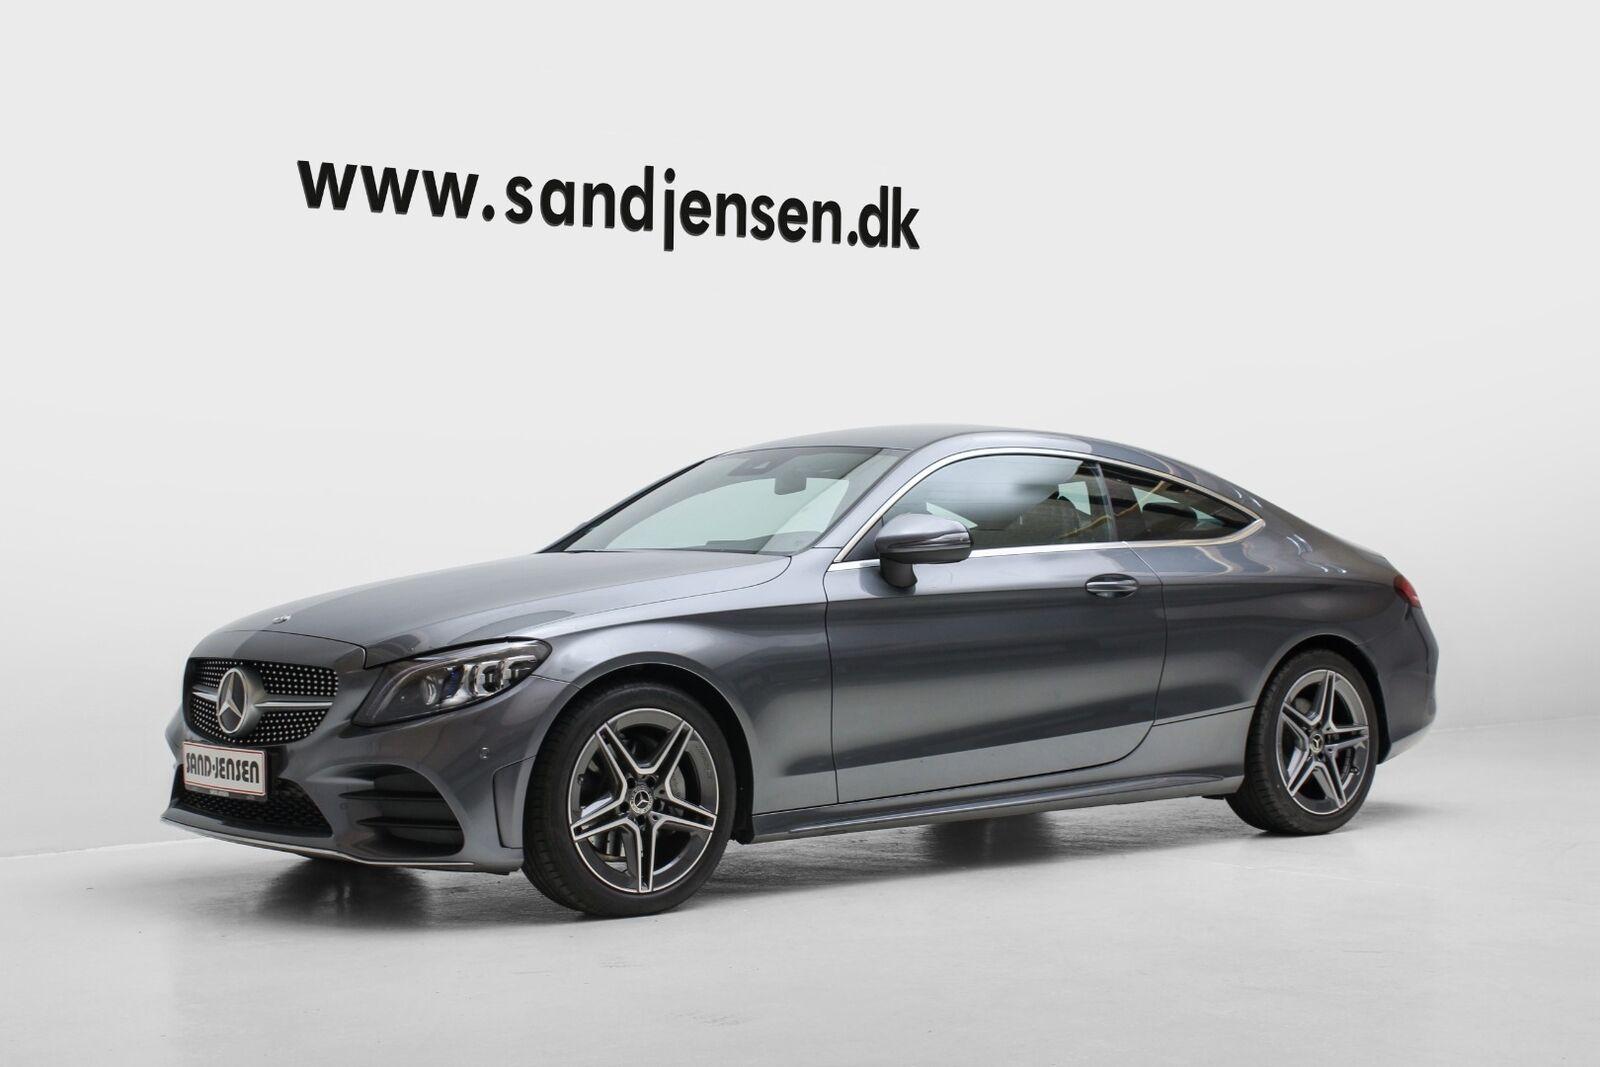 Mercedes C200 1,5 AMG Line Coupé aut. 2d - 544.900 kr.